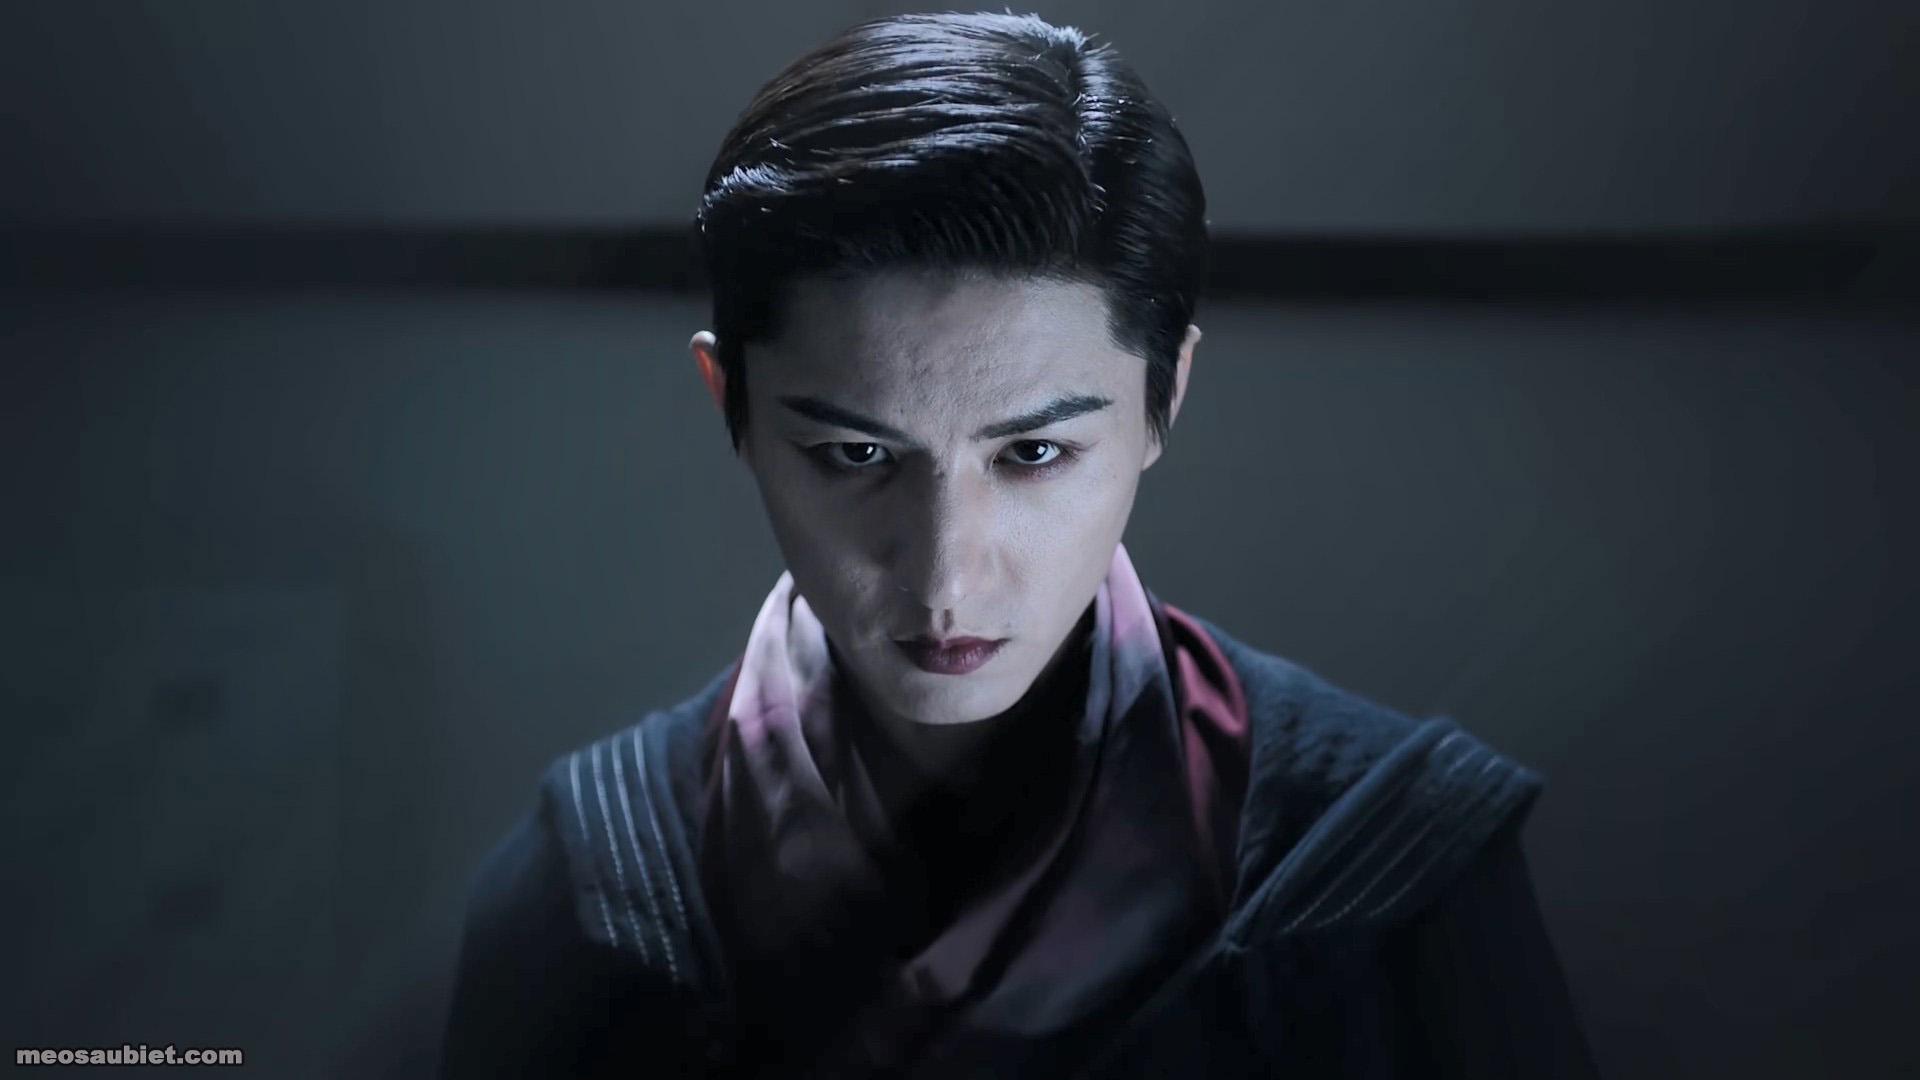 Thập Nhị Đàm – Mười hai cuộc trò chuyện 2021 Lưu Sướng trong vai Vu Thiếu Bạch